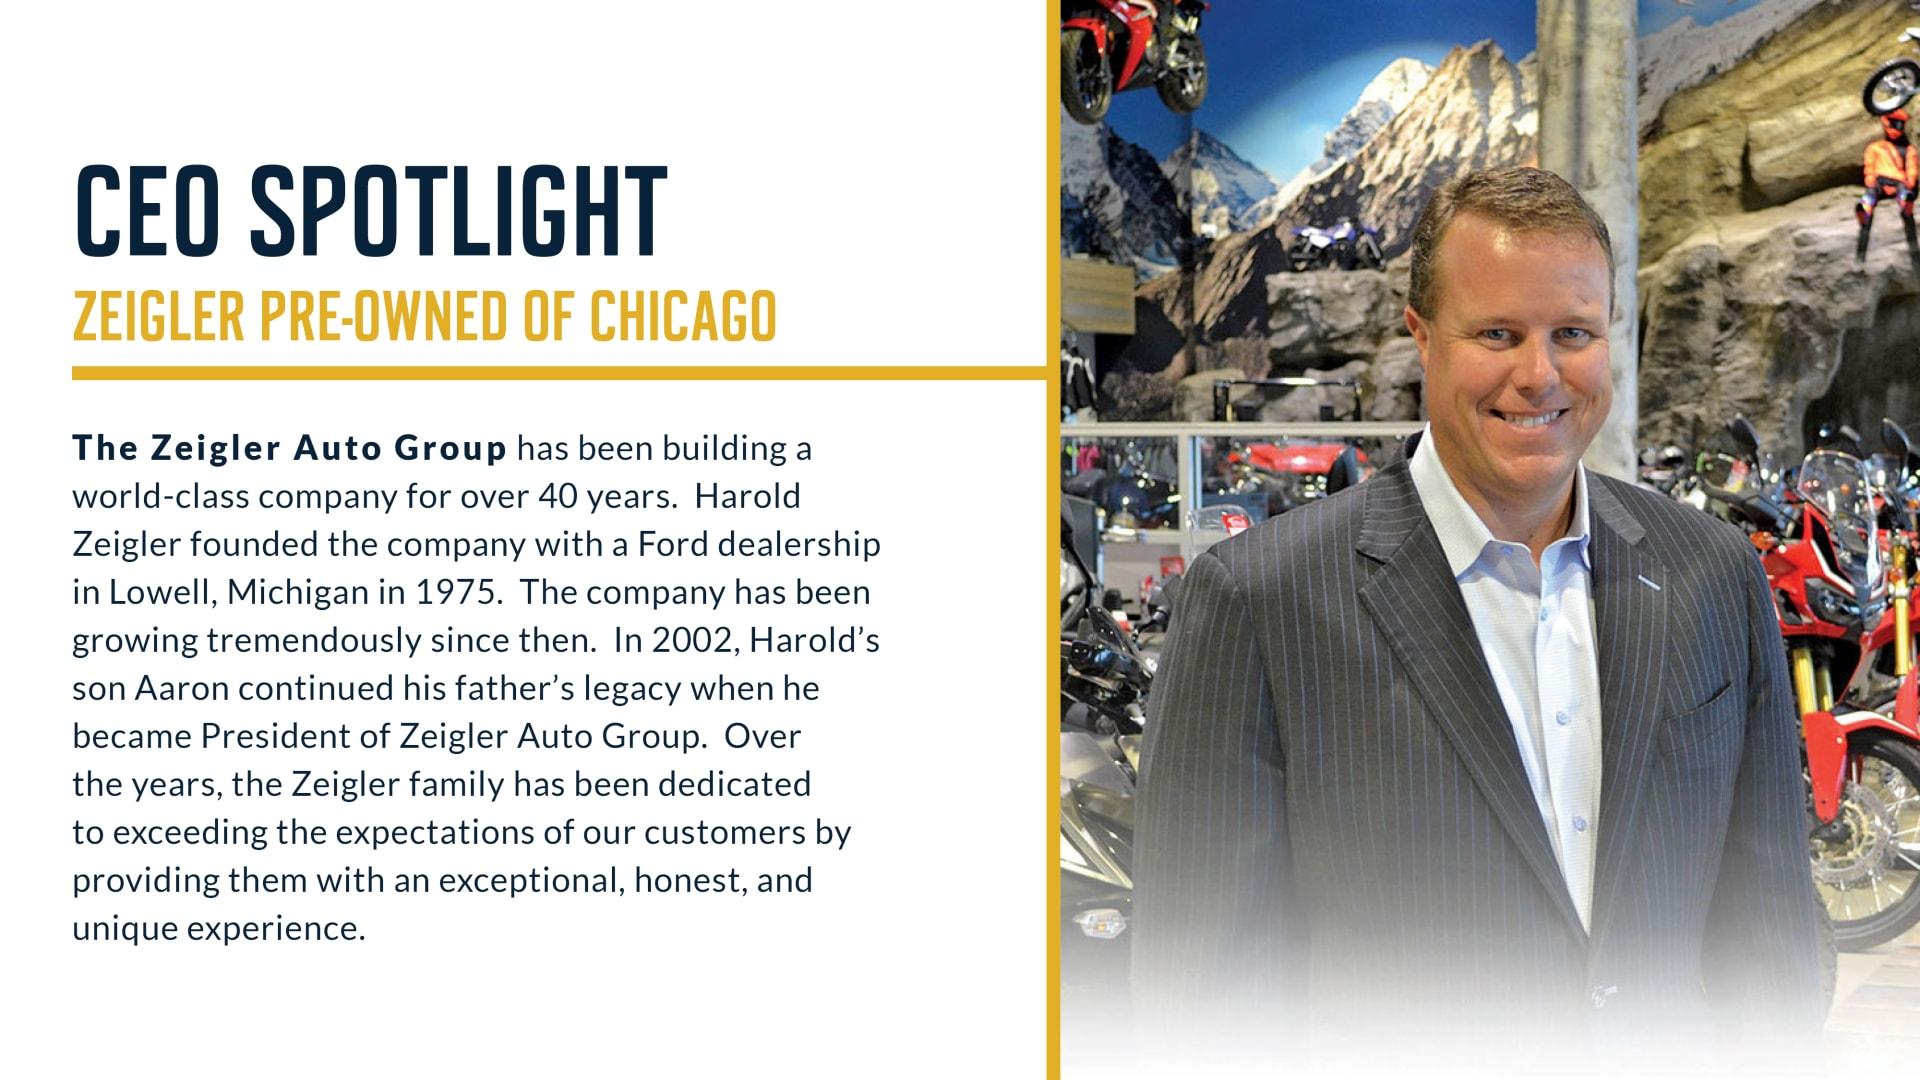 CEO-Spotlights-7-w1920.jpg